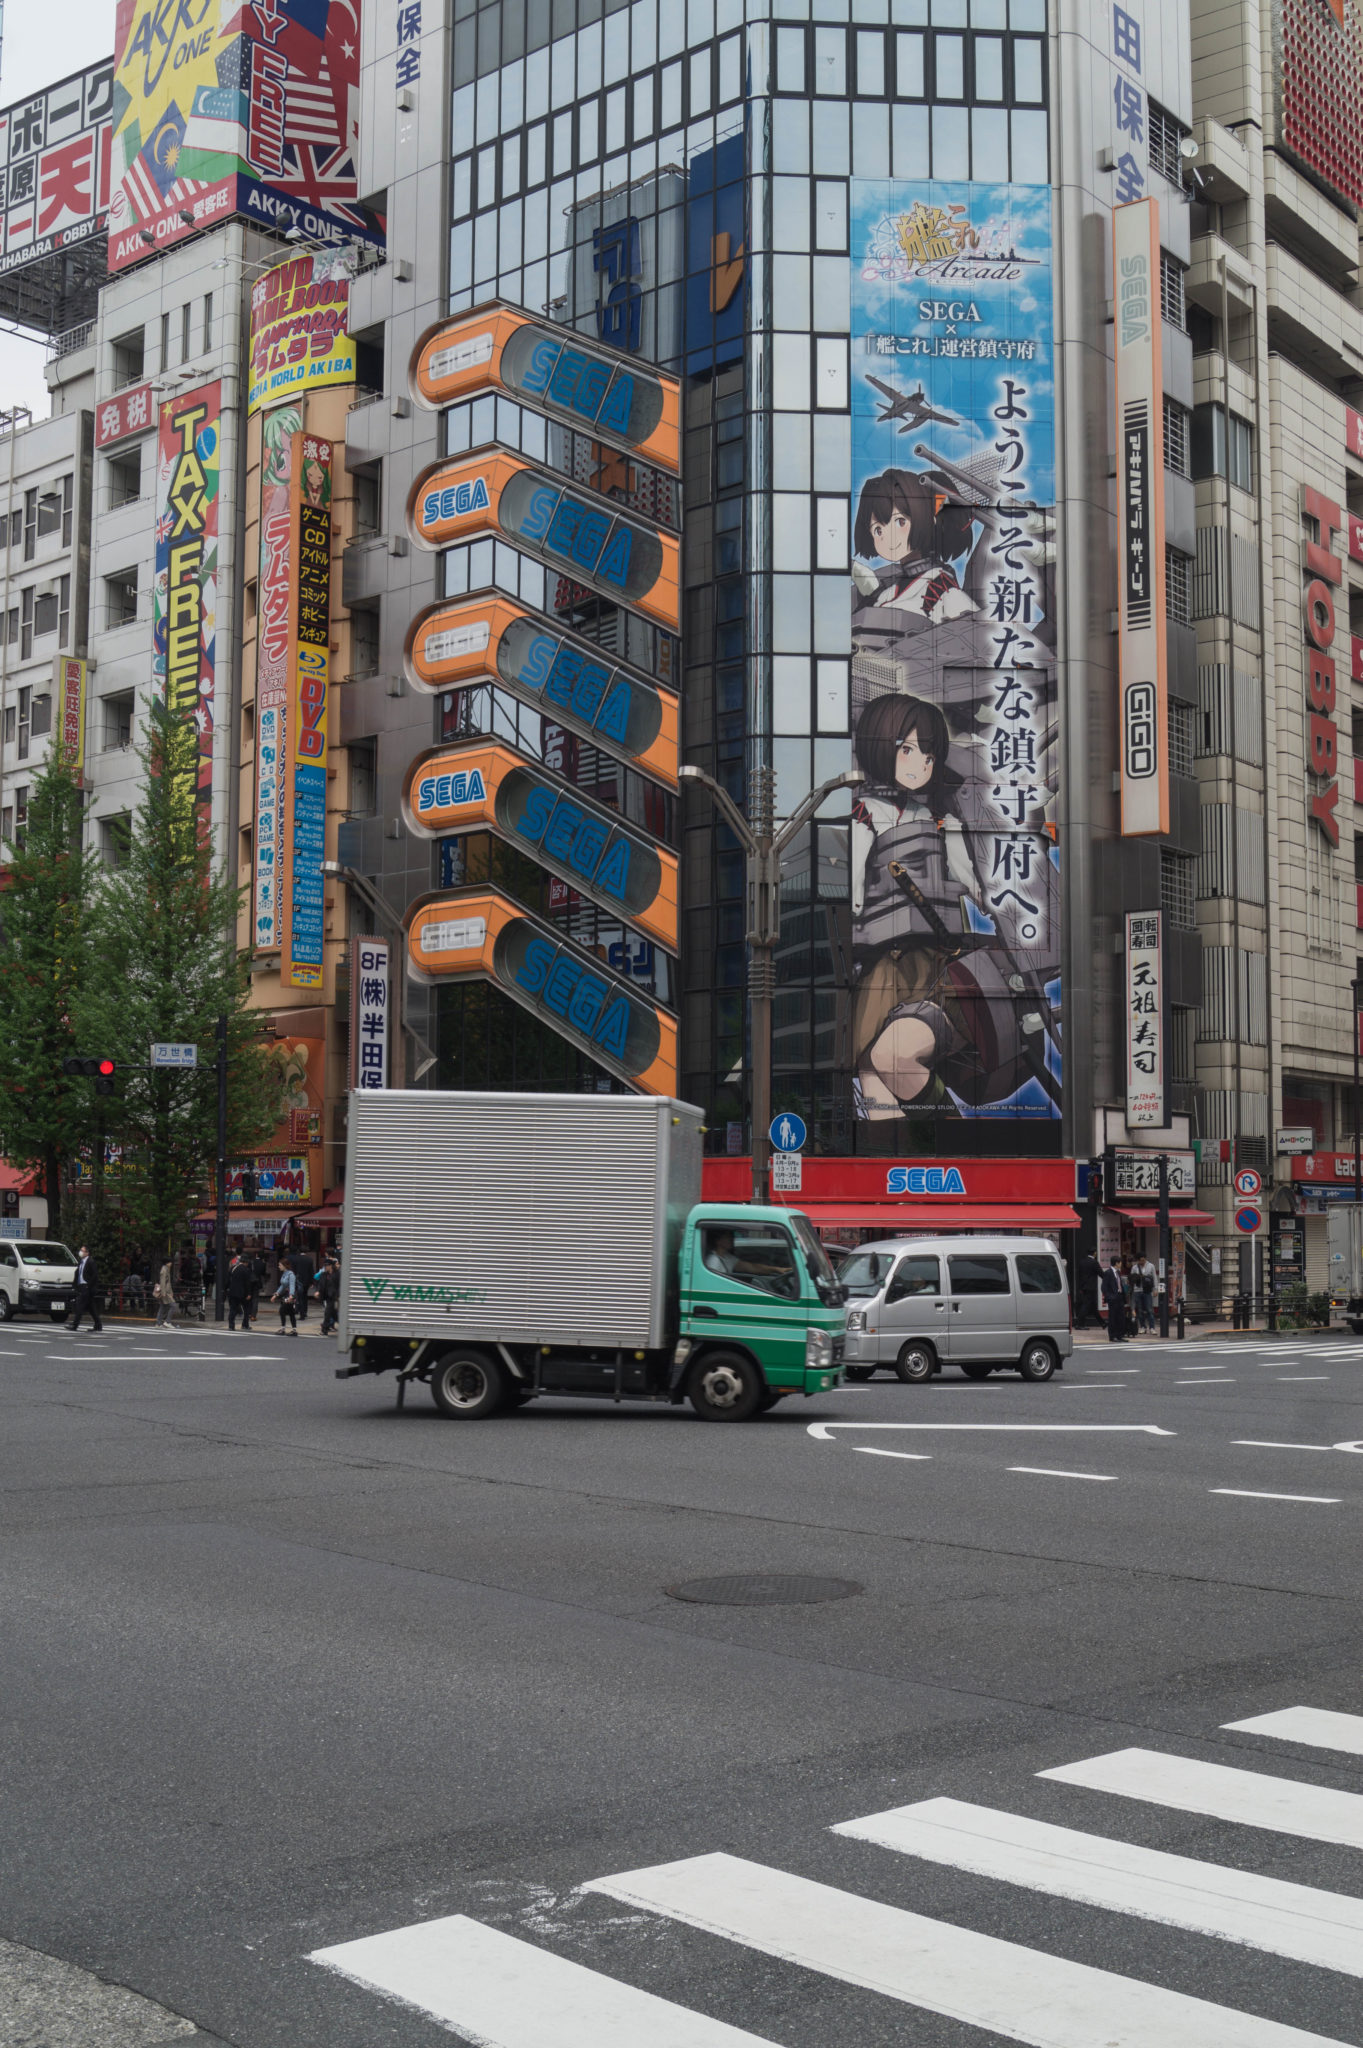 Manchmal sind die Straßen in Tokio verwirrend, wie hier in Akihabara.